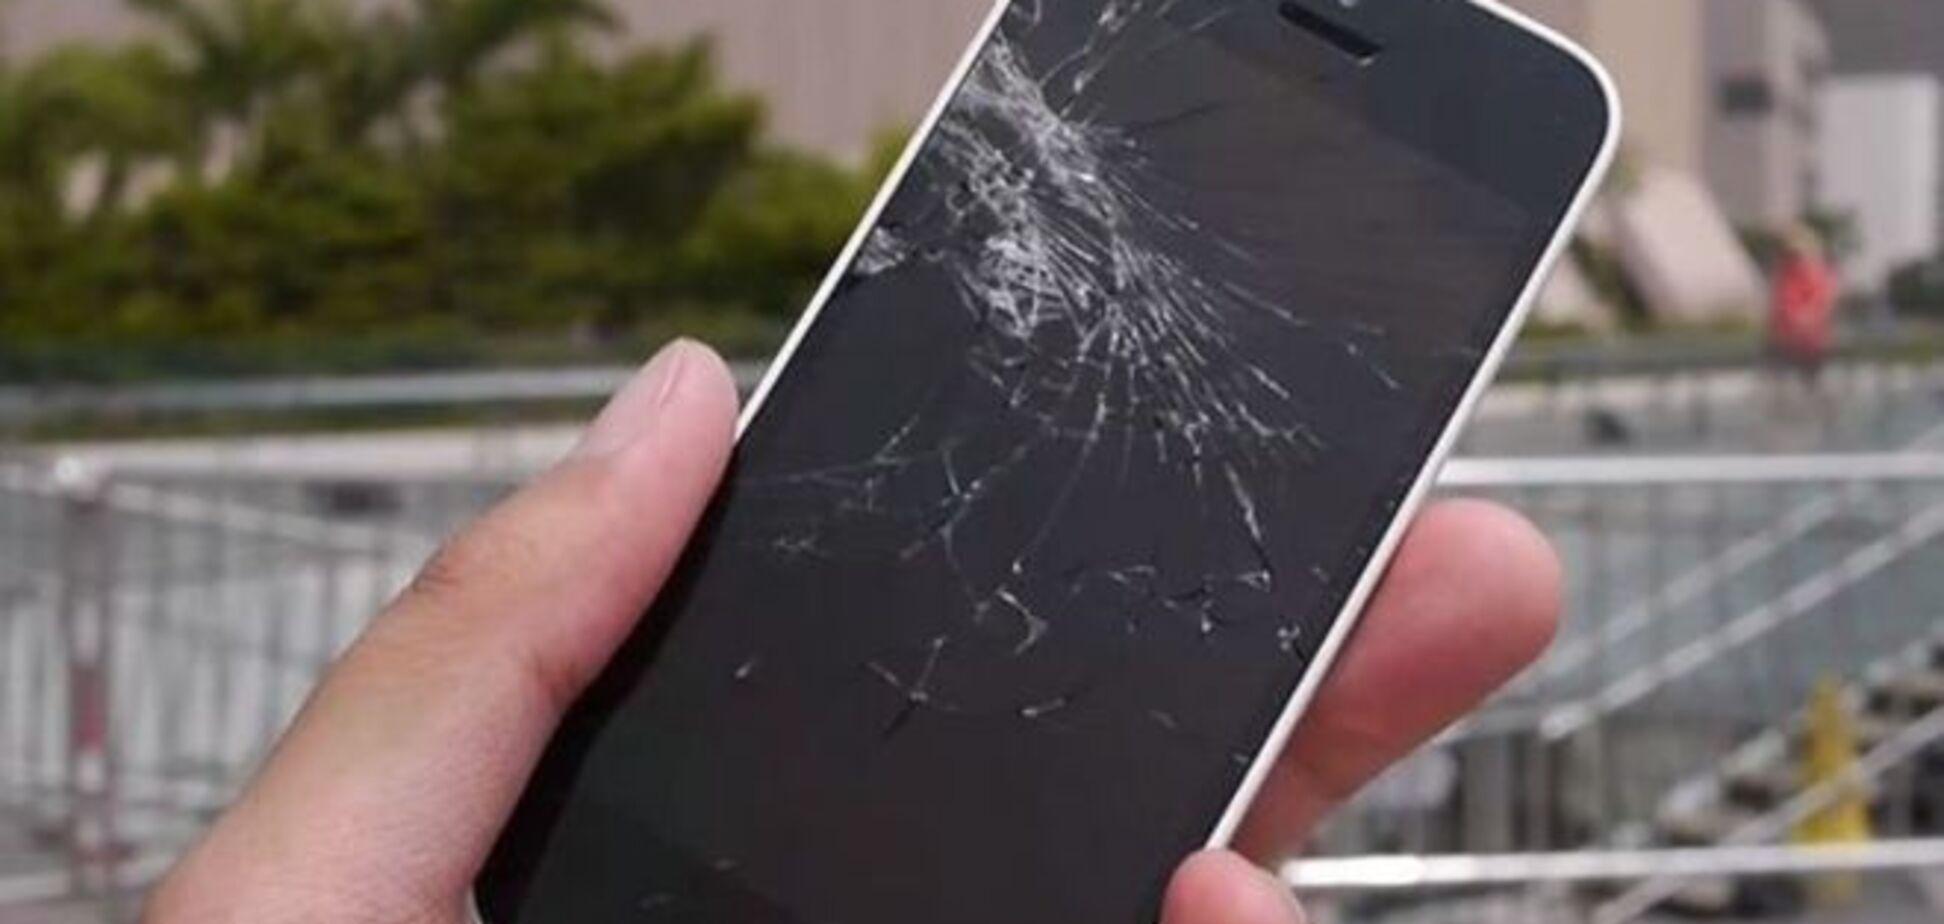 Сеть взорвало видео 'первого упавшего iPhone 6'